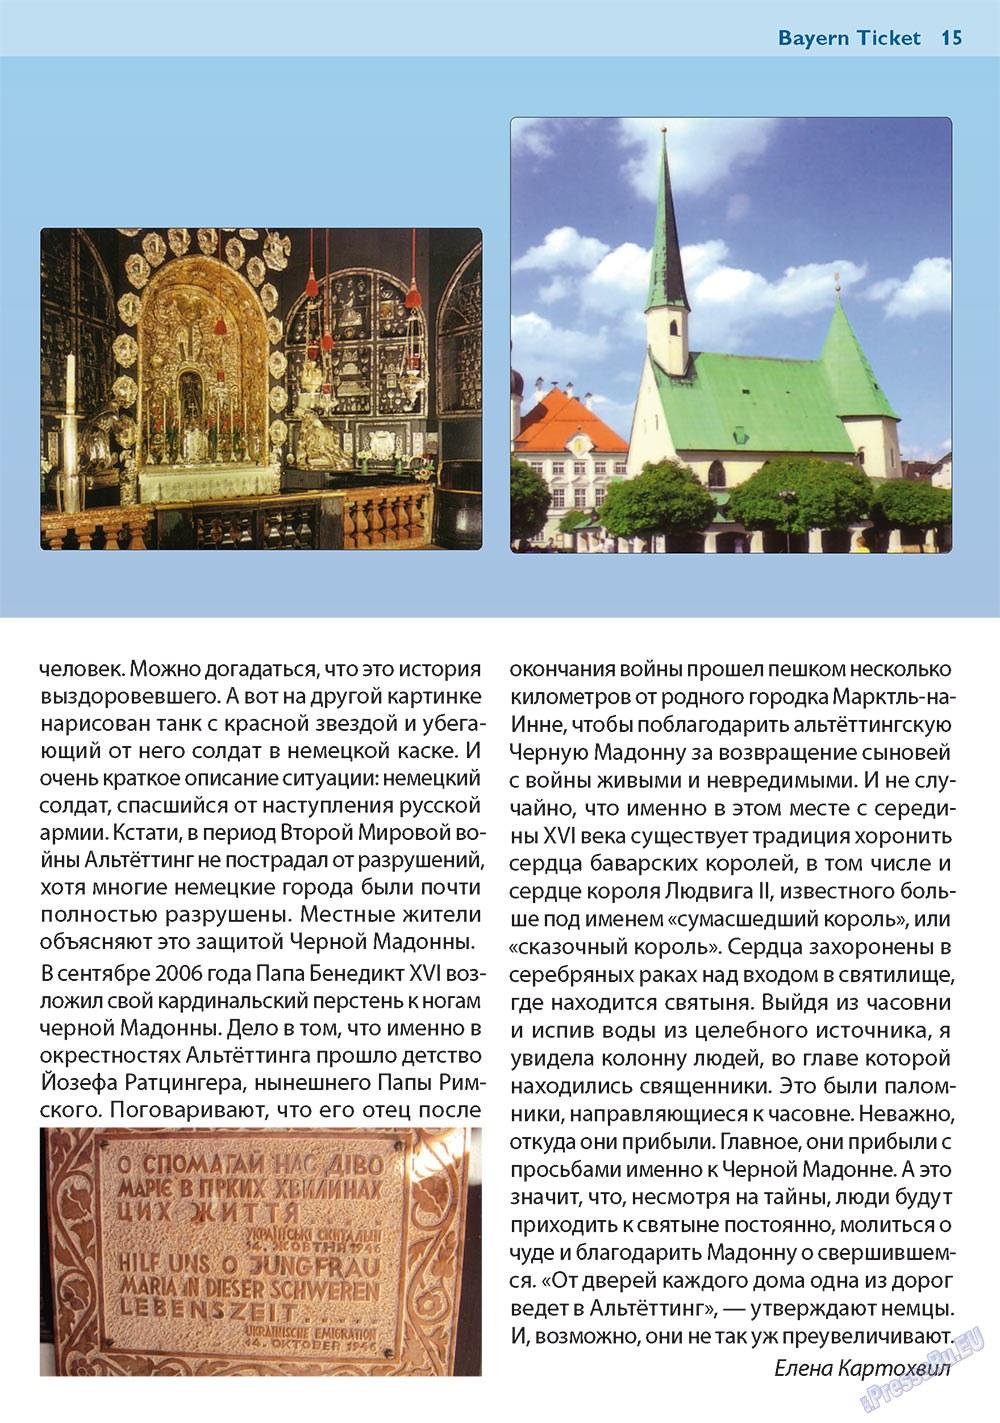 Апельсин (журнал). 2010 год, номер 15, стр. 15